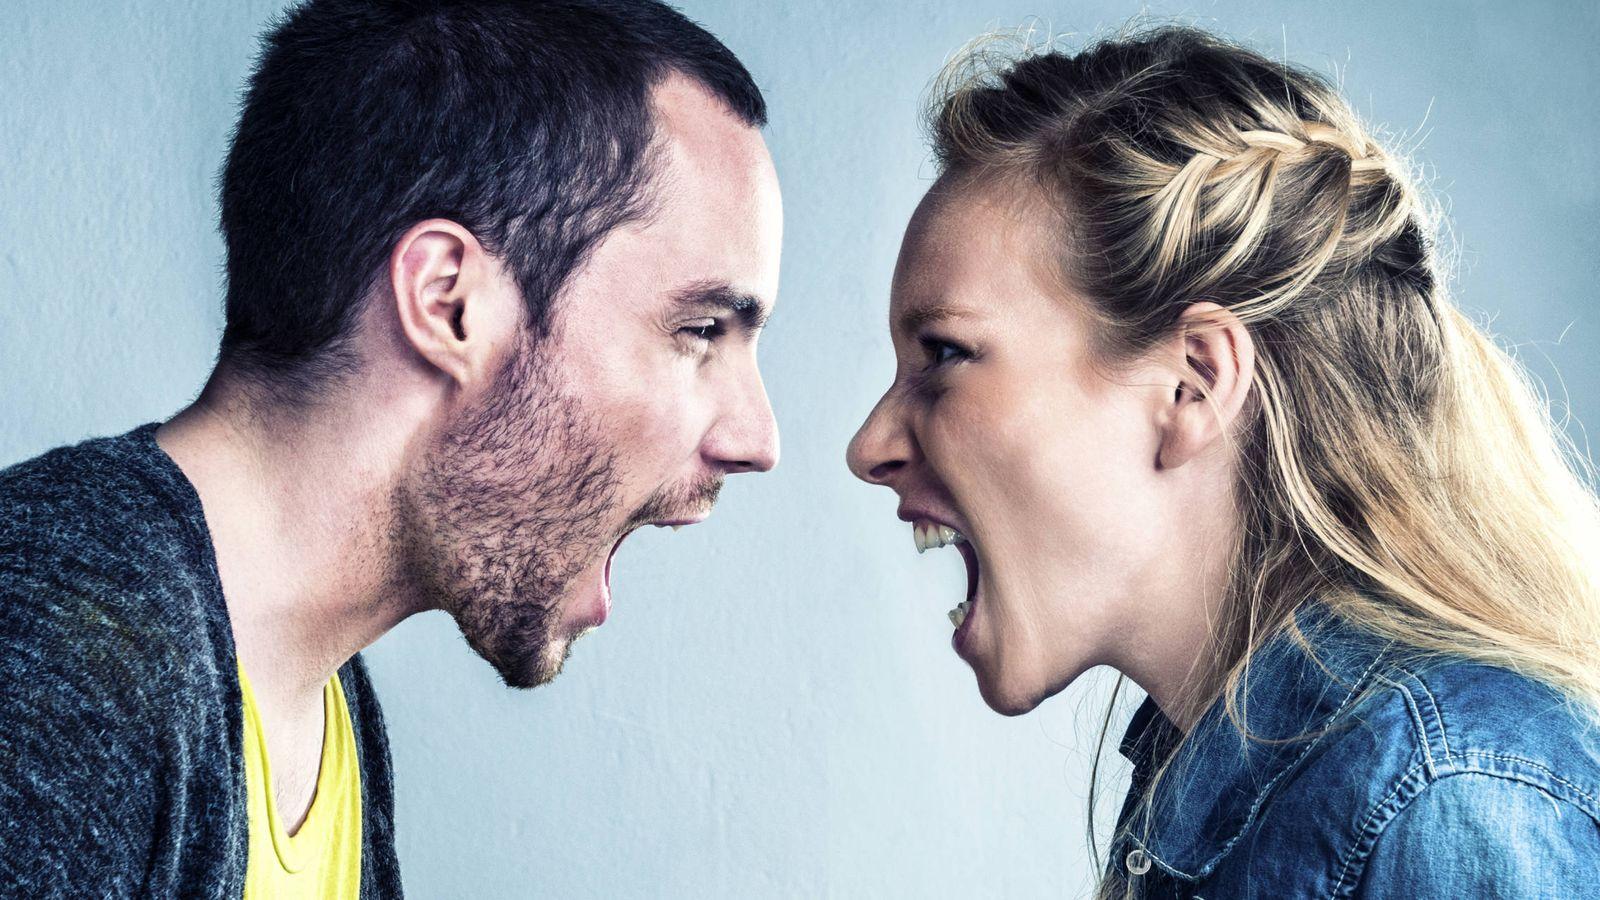 d625876624a13 Relaciones de pareja  Hombres y mujeres revelan lo que detestan de sus  parejas